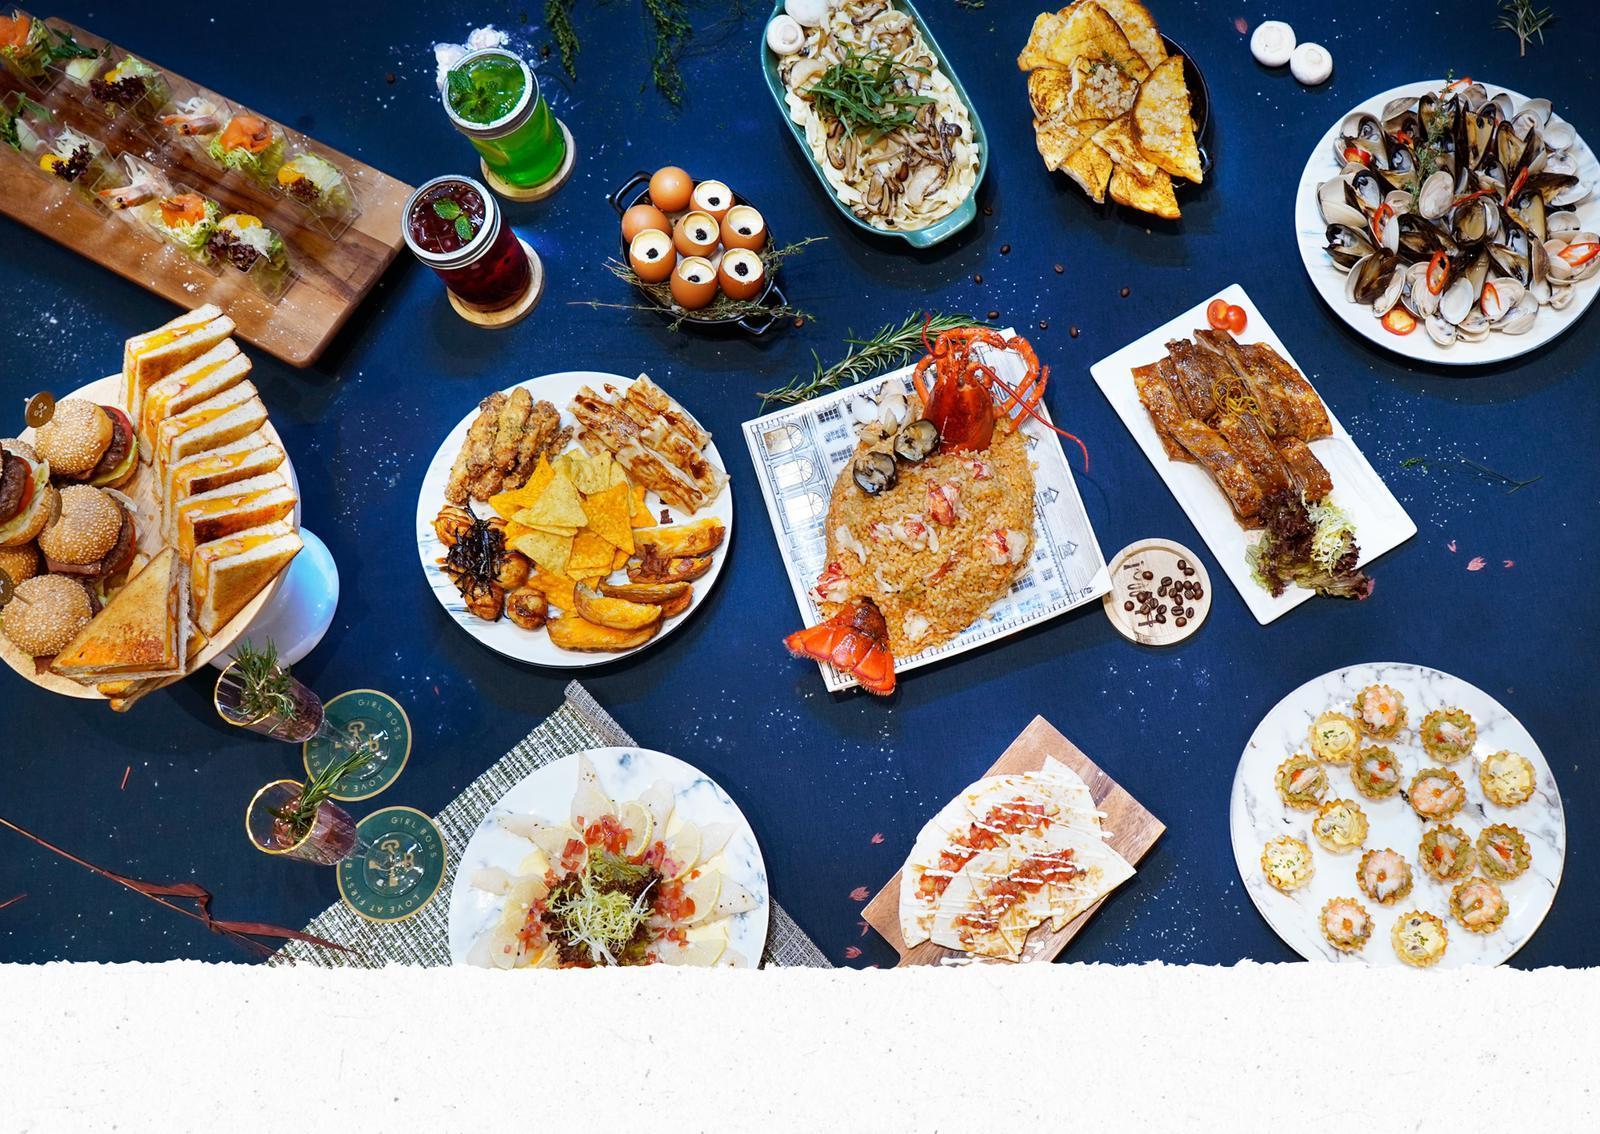 新年到會外賣推介|Kama Delivery 新年到會套餐,團年拜年必食推介,大人細路都鍾意,新年食咩無煩惱,給媽媽放個新年假